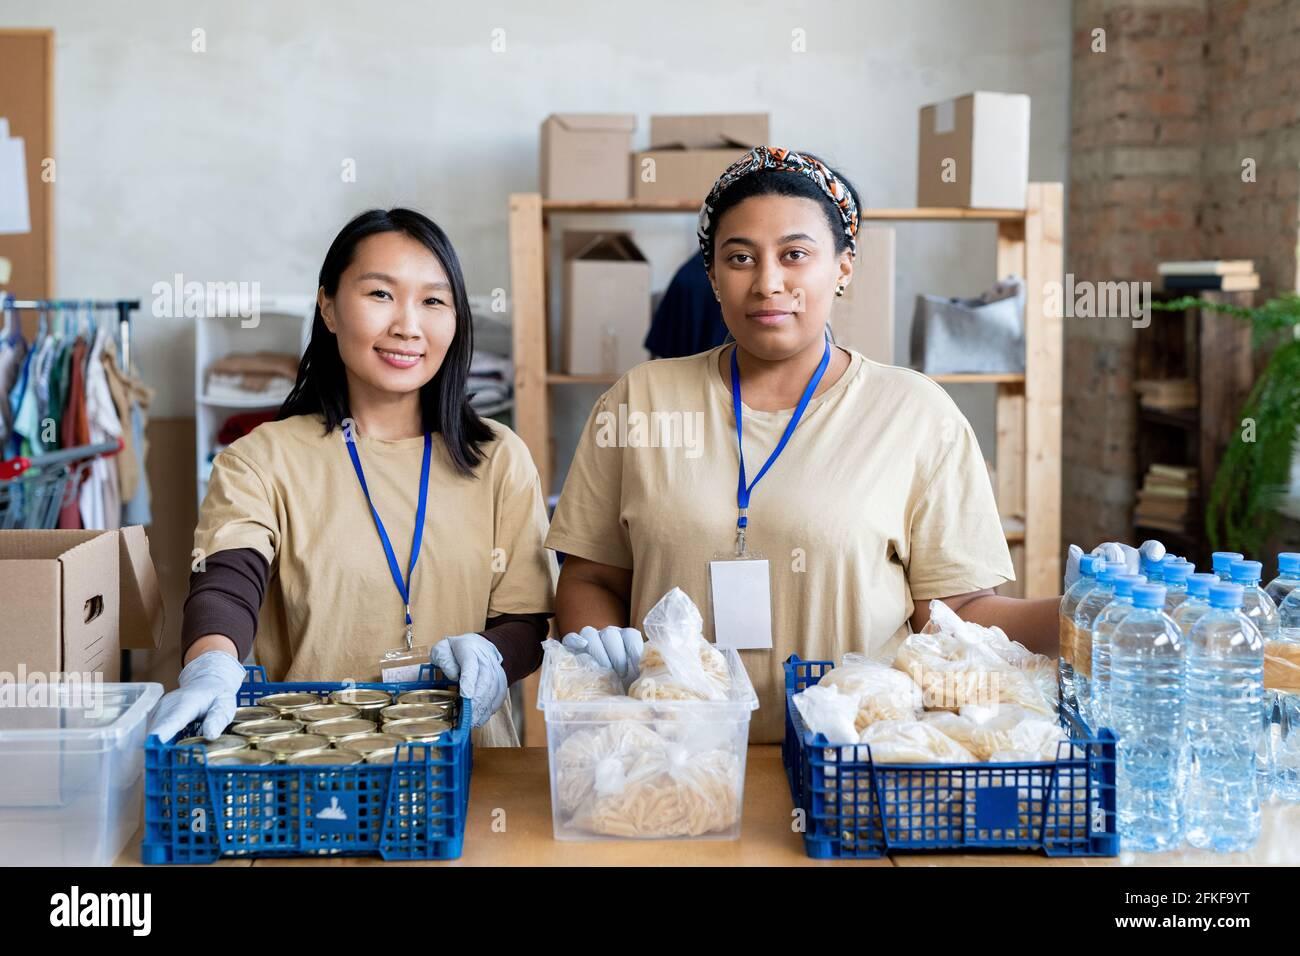 Deux jeunes femmes bénévoles debout à table avec de la nourriture gratuite dans des boîtes en plastique Banque D'Images